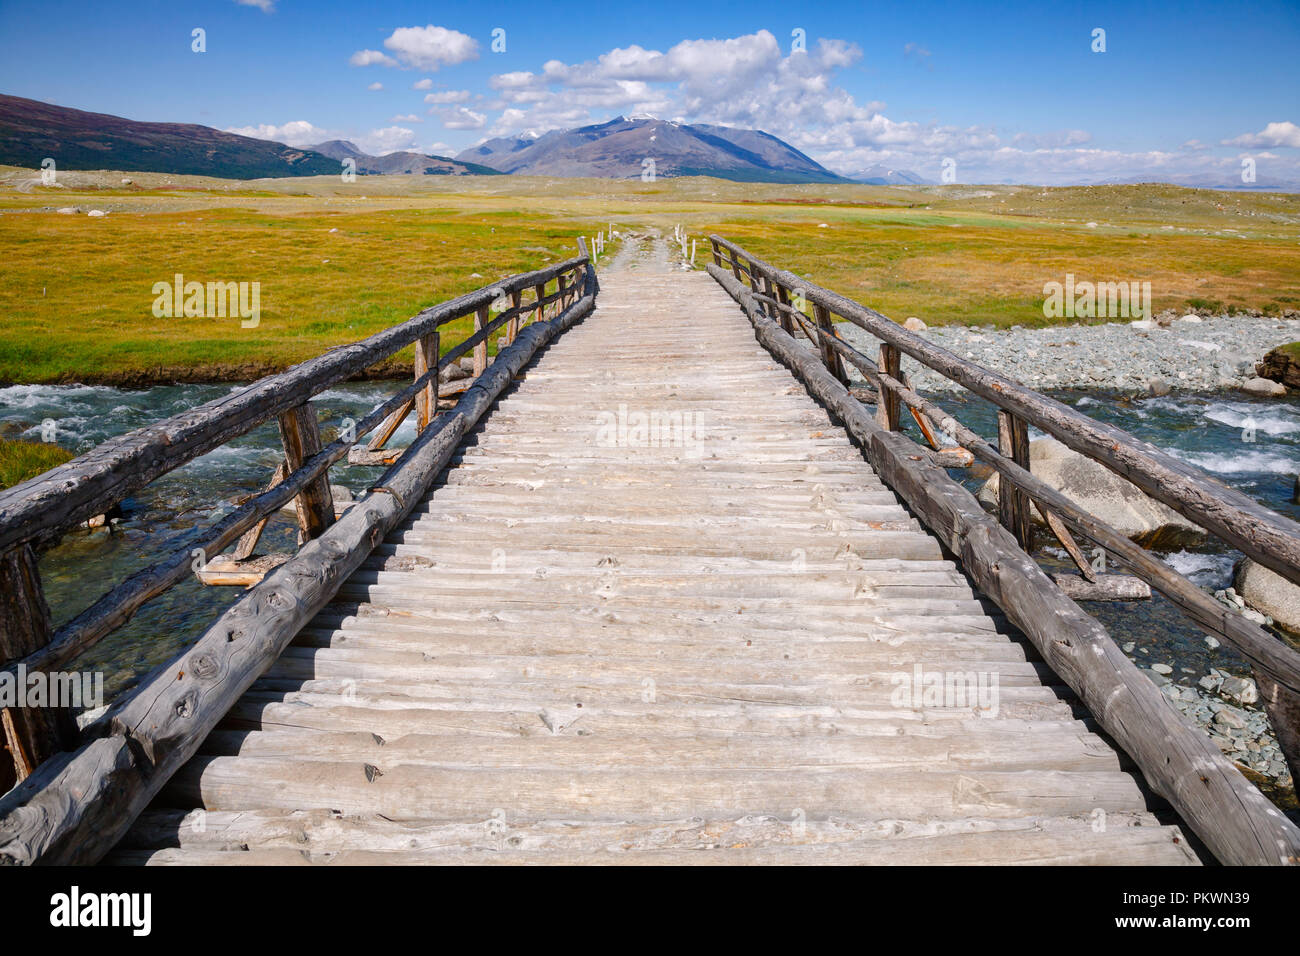 Hölzerne Brücke über einen Fluss mit weit entfernten Bergkette im Hintergrund, Altai Gebirge, der westlichen Mongolei Stockbild